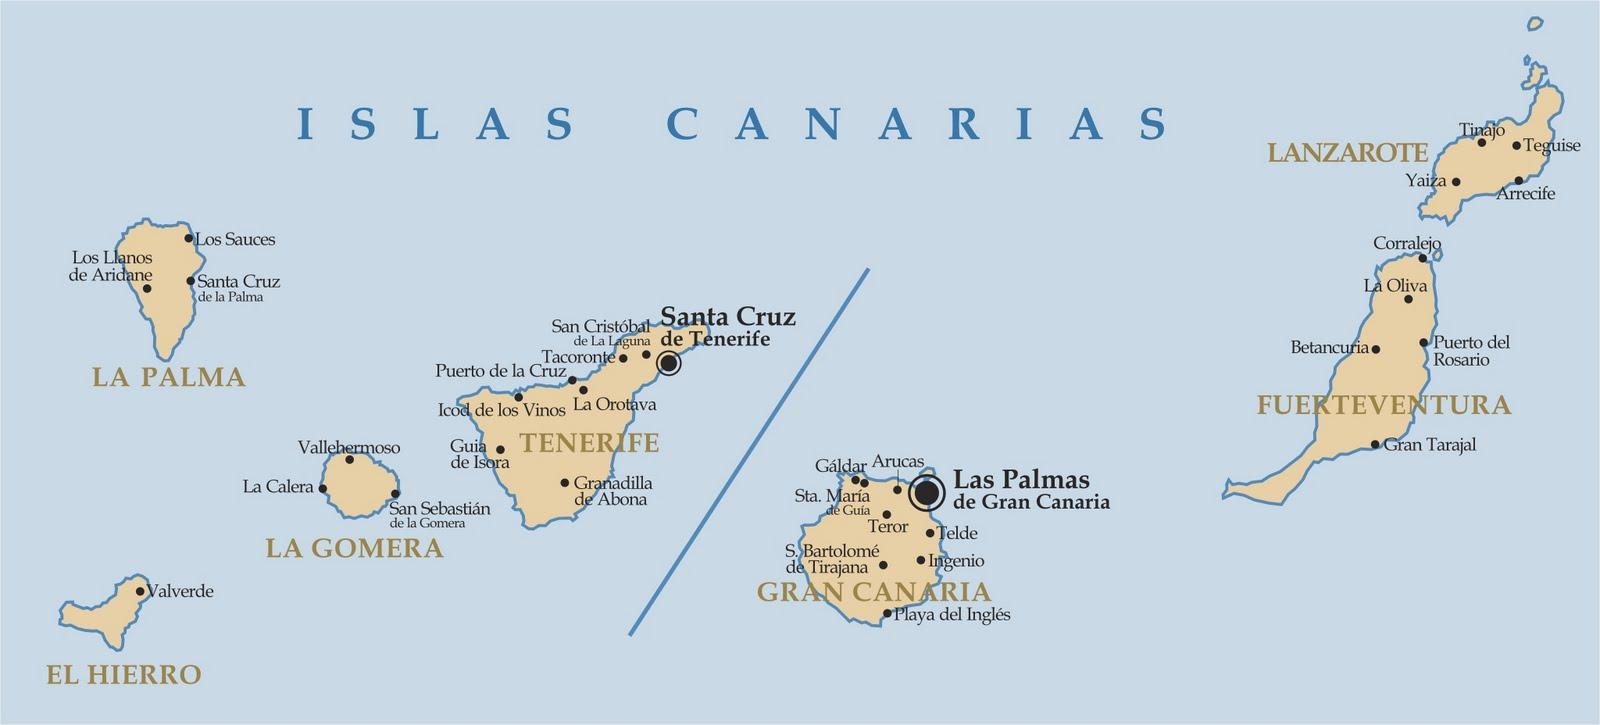 Imperial erasmus in spain just landed 3 entrevista - Islas canarias con ninos ...